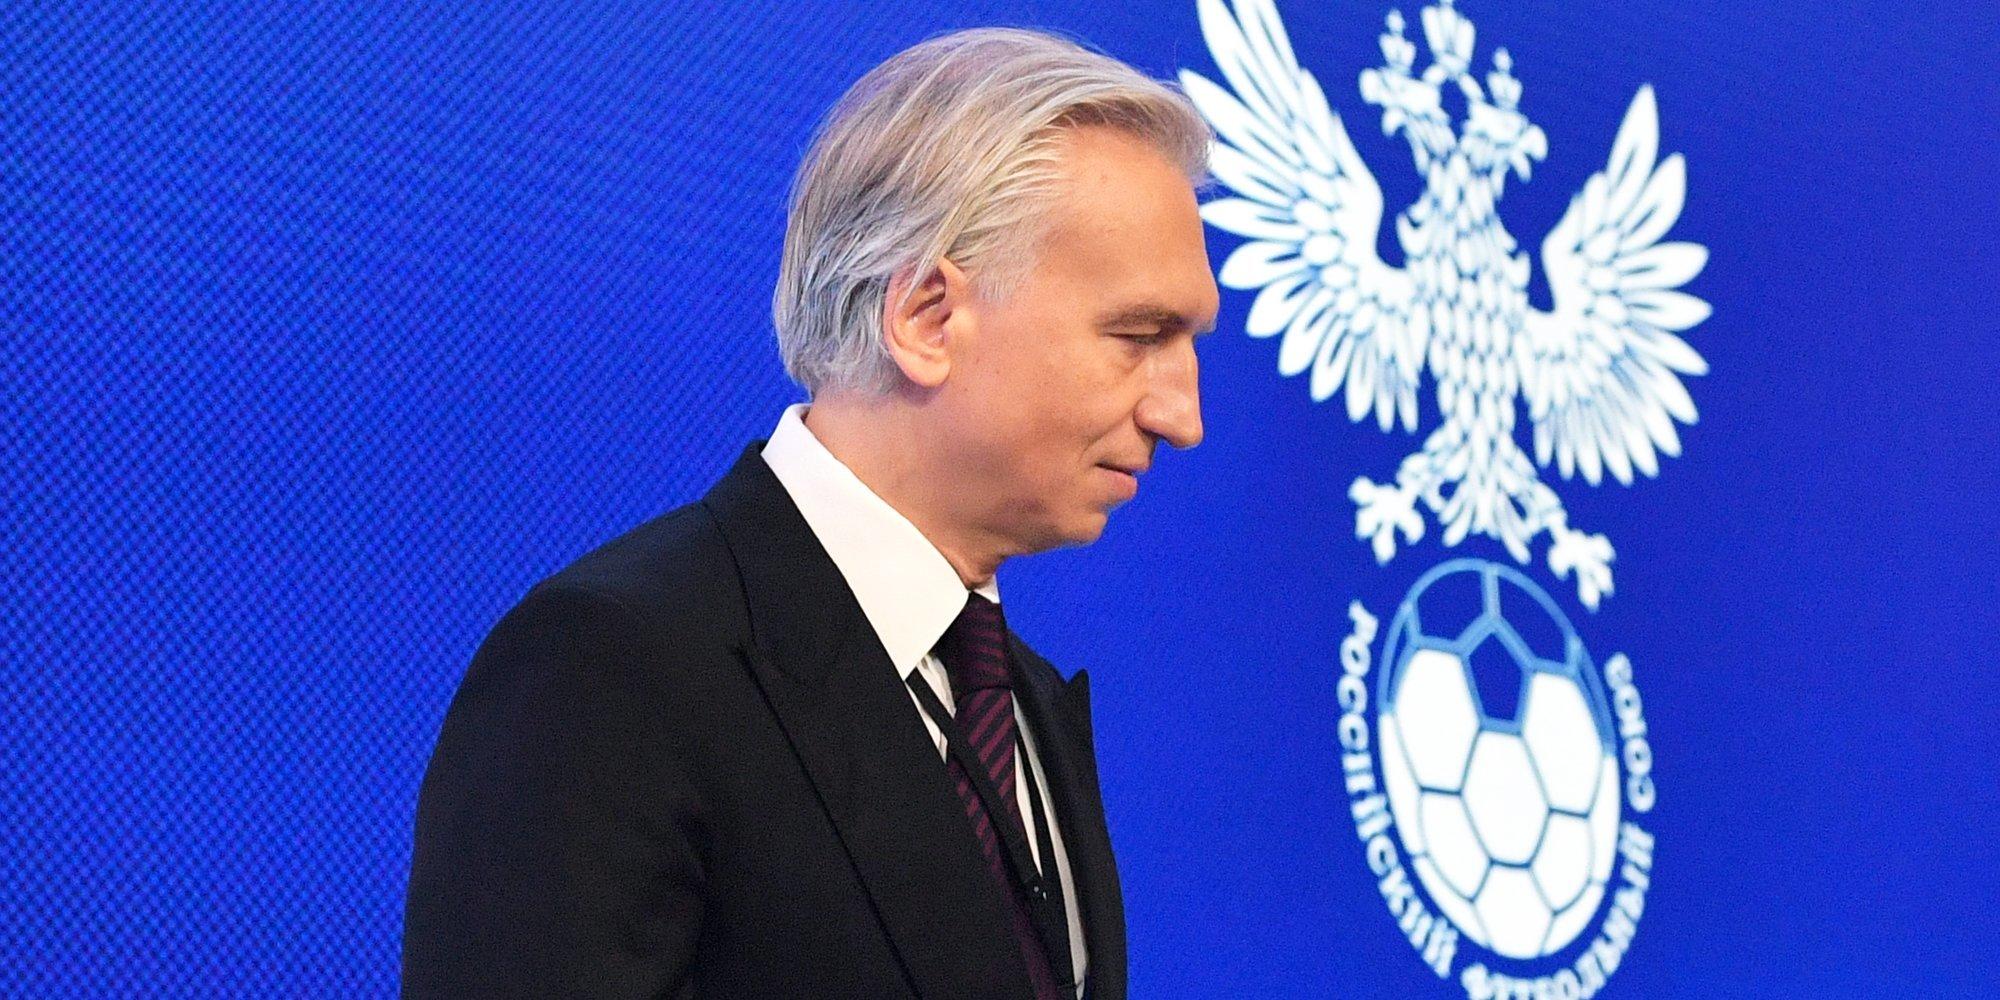 Дюков отреагировал на завершение карьеры Фернандеса в сборной России